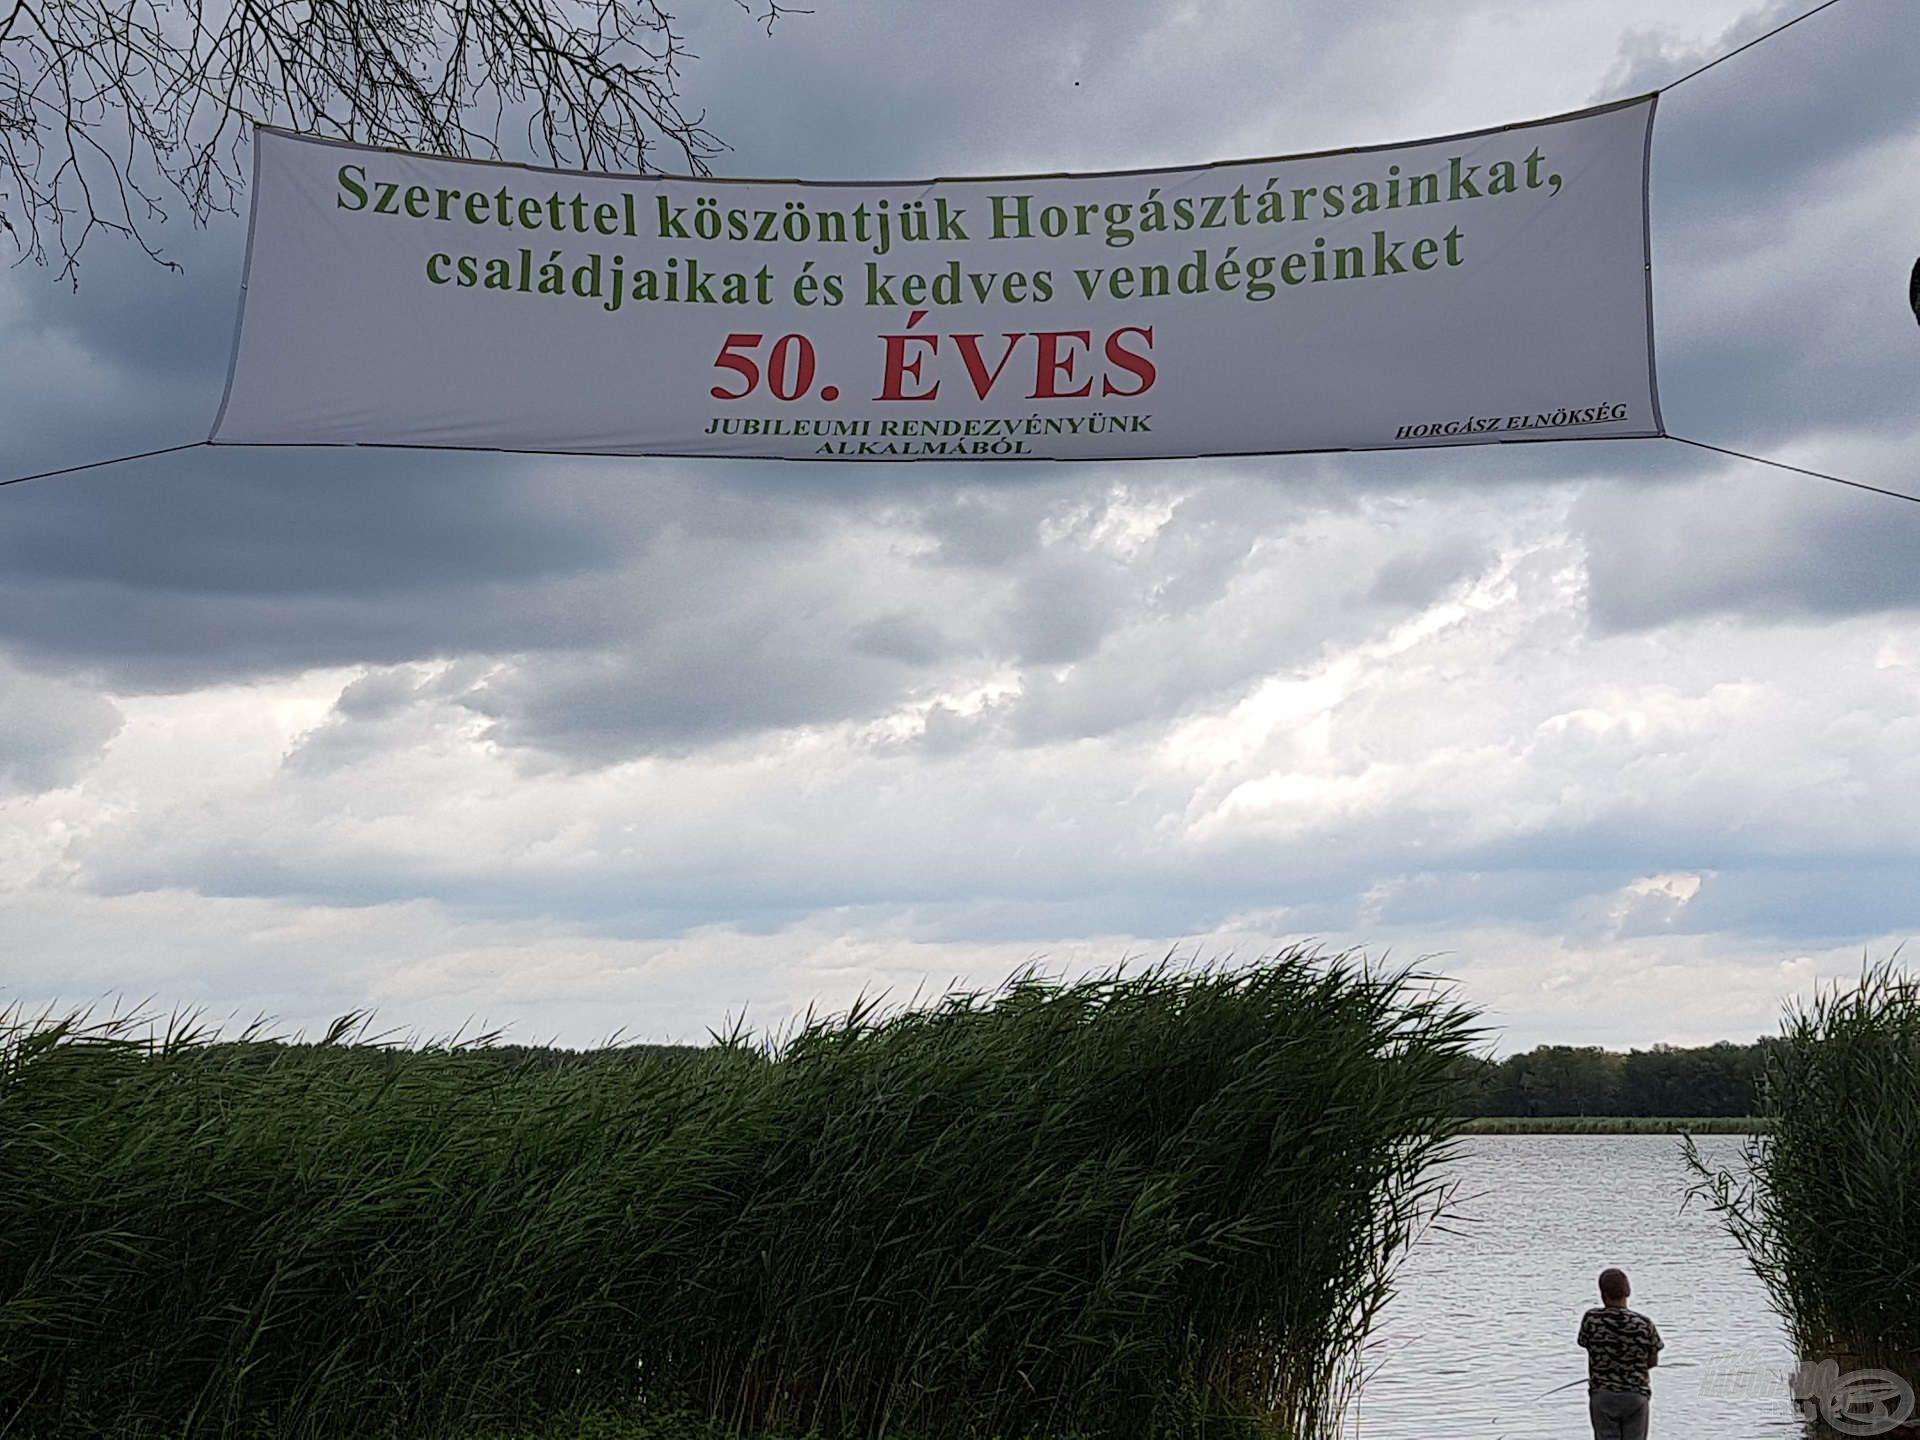 A Soltvadkert – Kiskőrös Petőfi horgászegyesület idén ünnepelte fennállásának 50. évfordulóját